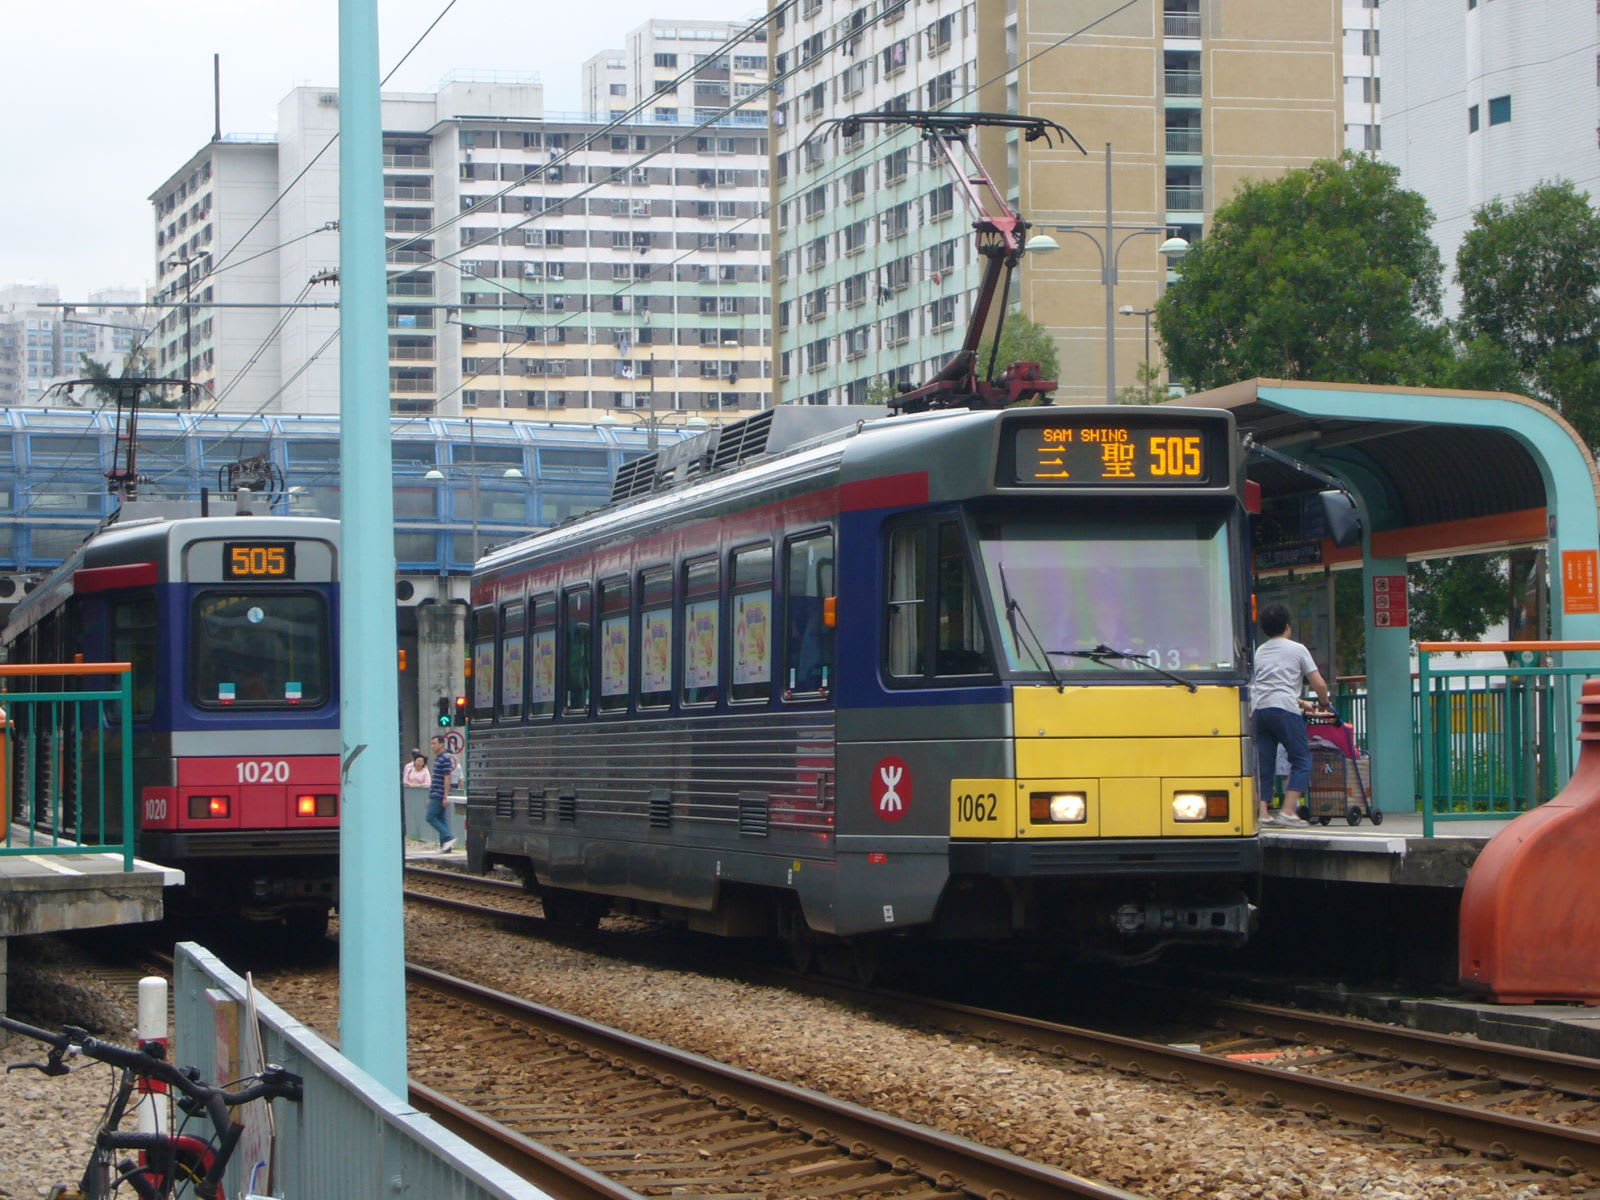 輕鐵屬於比較小眾的交通工具。(圖片取自wikimedia)